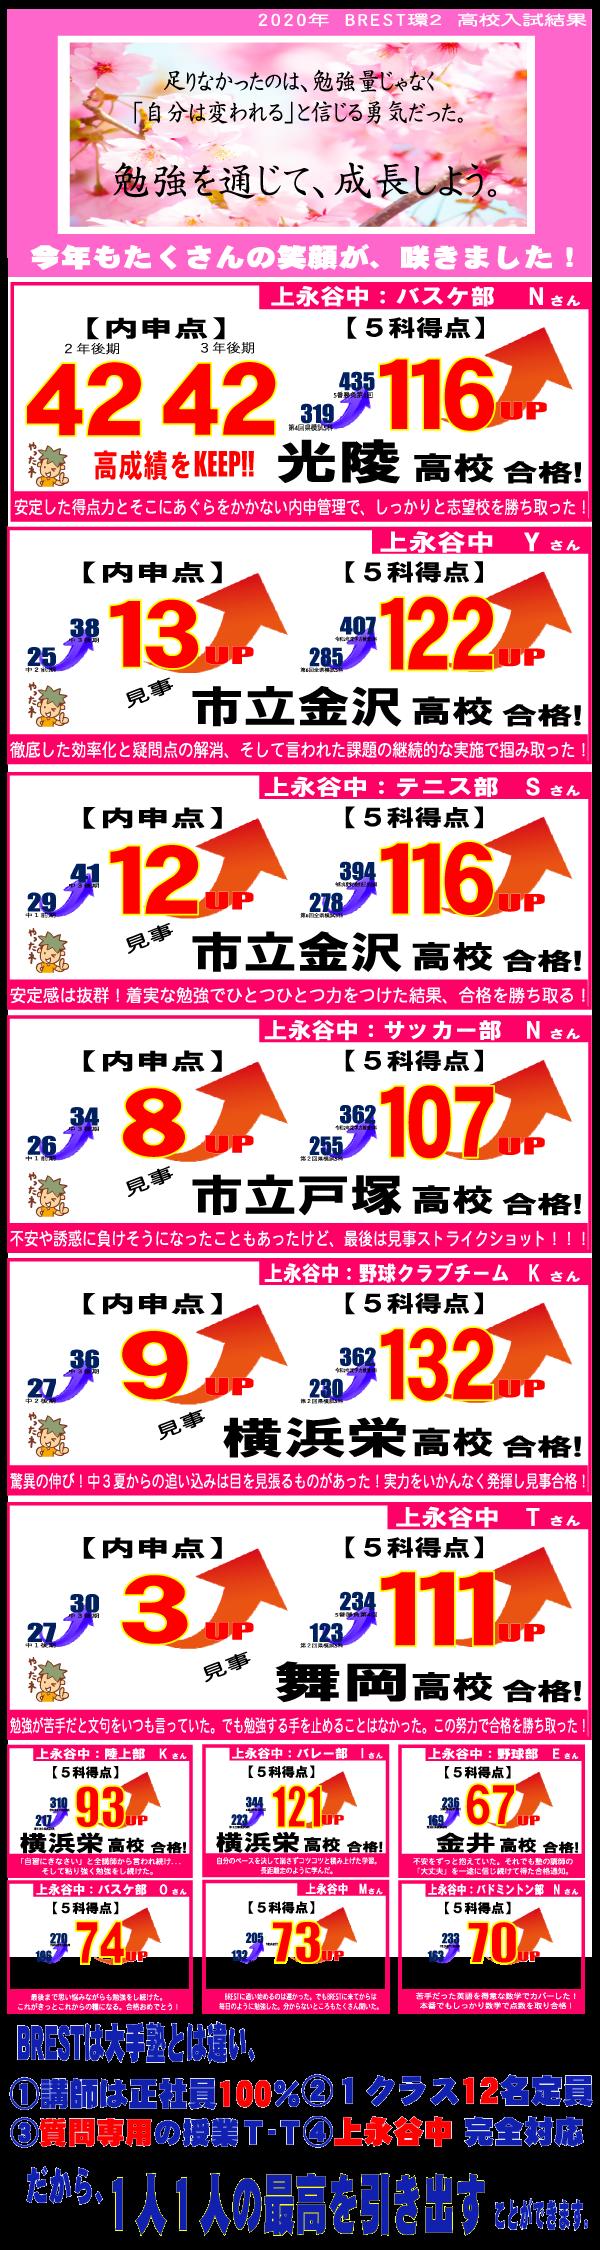 BREST環22020年度高校入試合格速報!